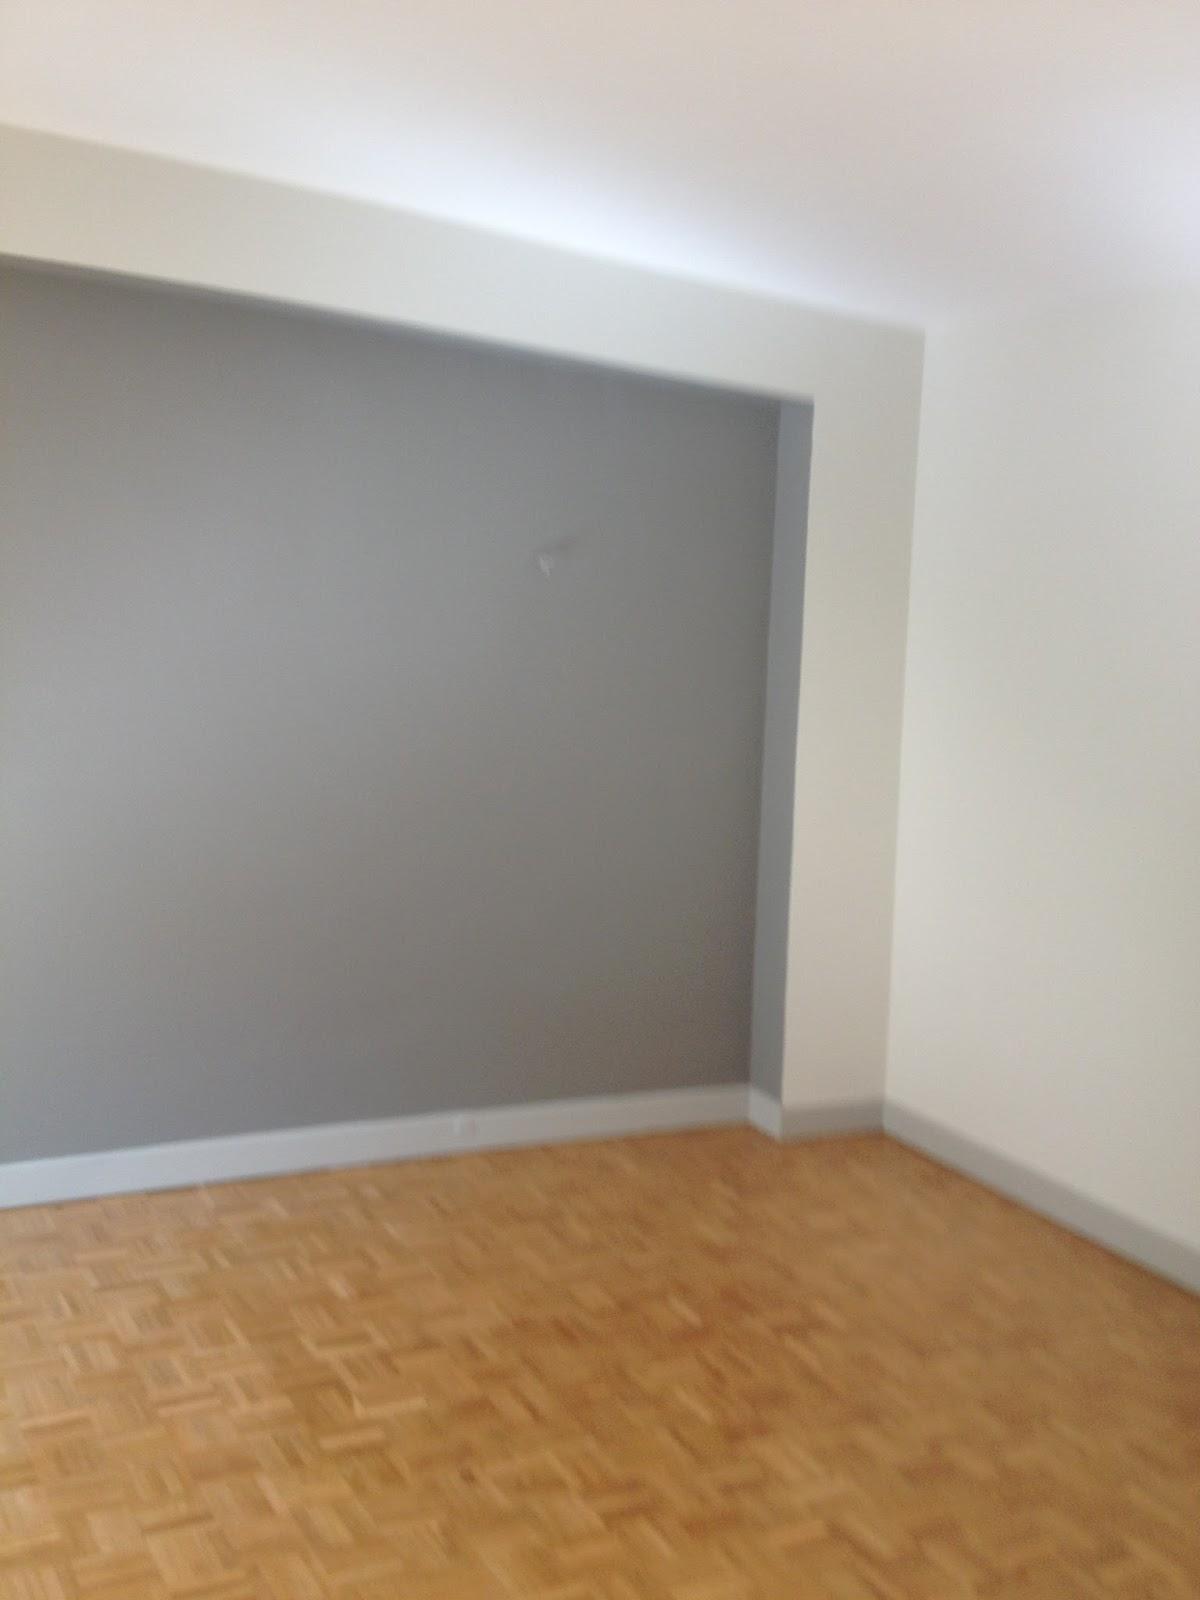 prix discount peinture et ou renovation parquet appartement noisy le sec meilleure renovation. Black Bedroom Furniture Sets. Home Design Ideas